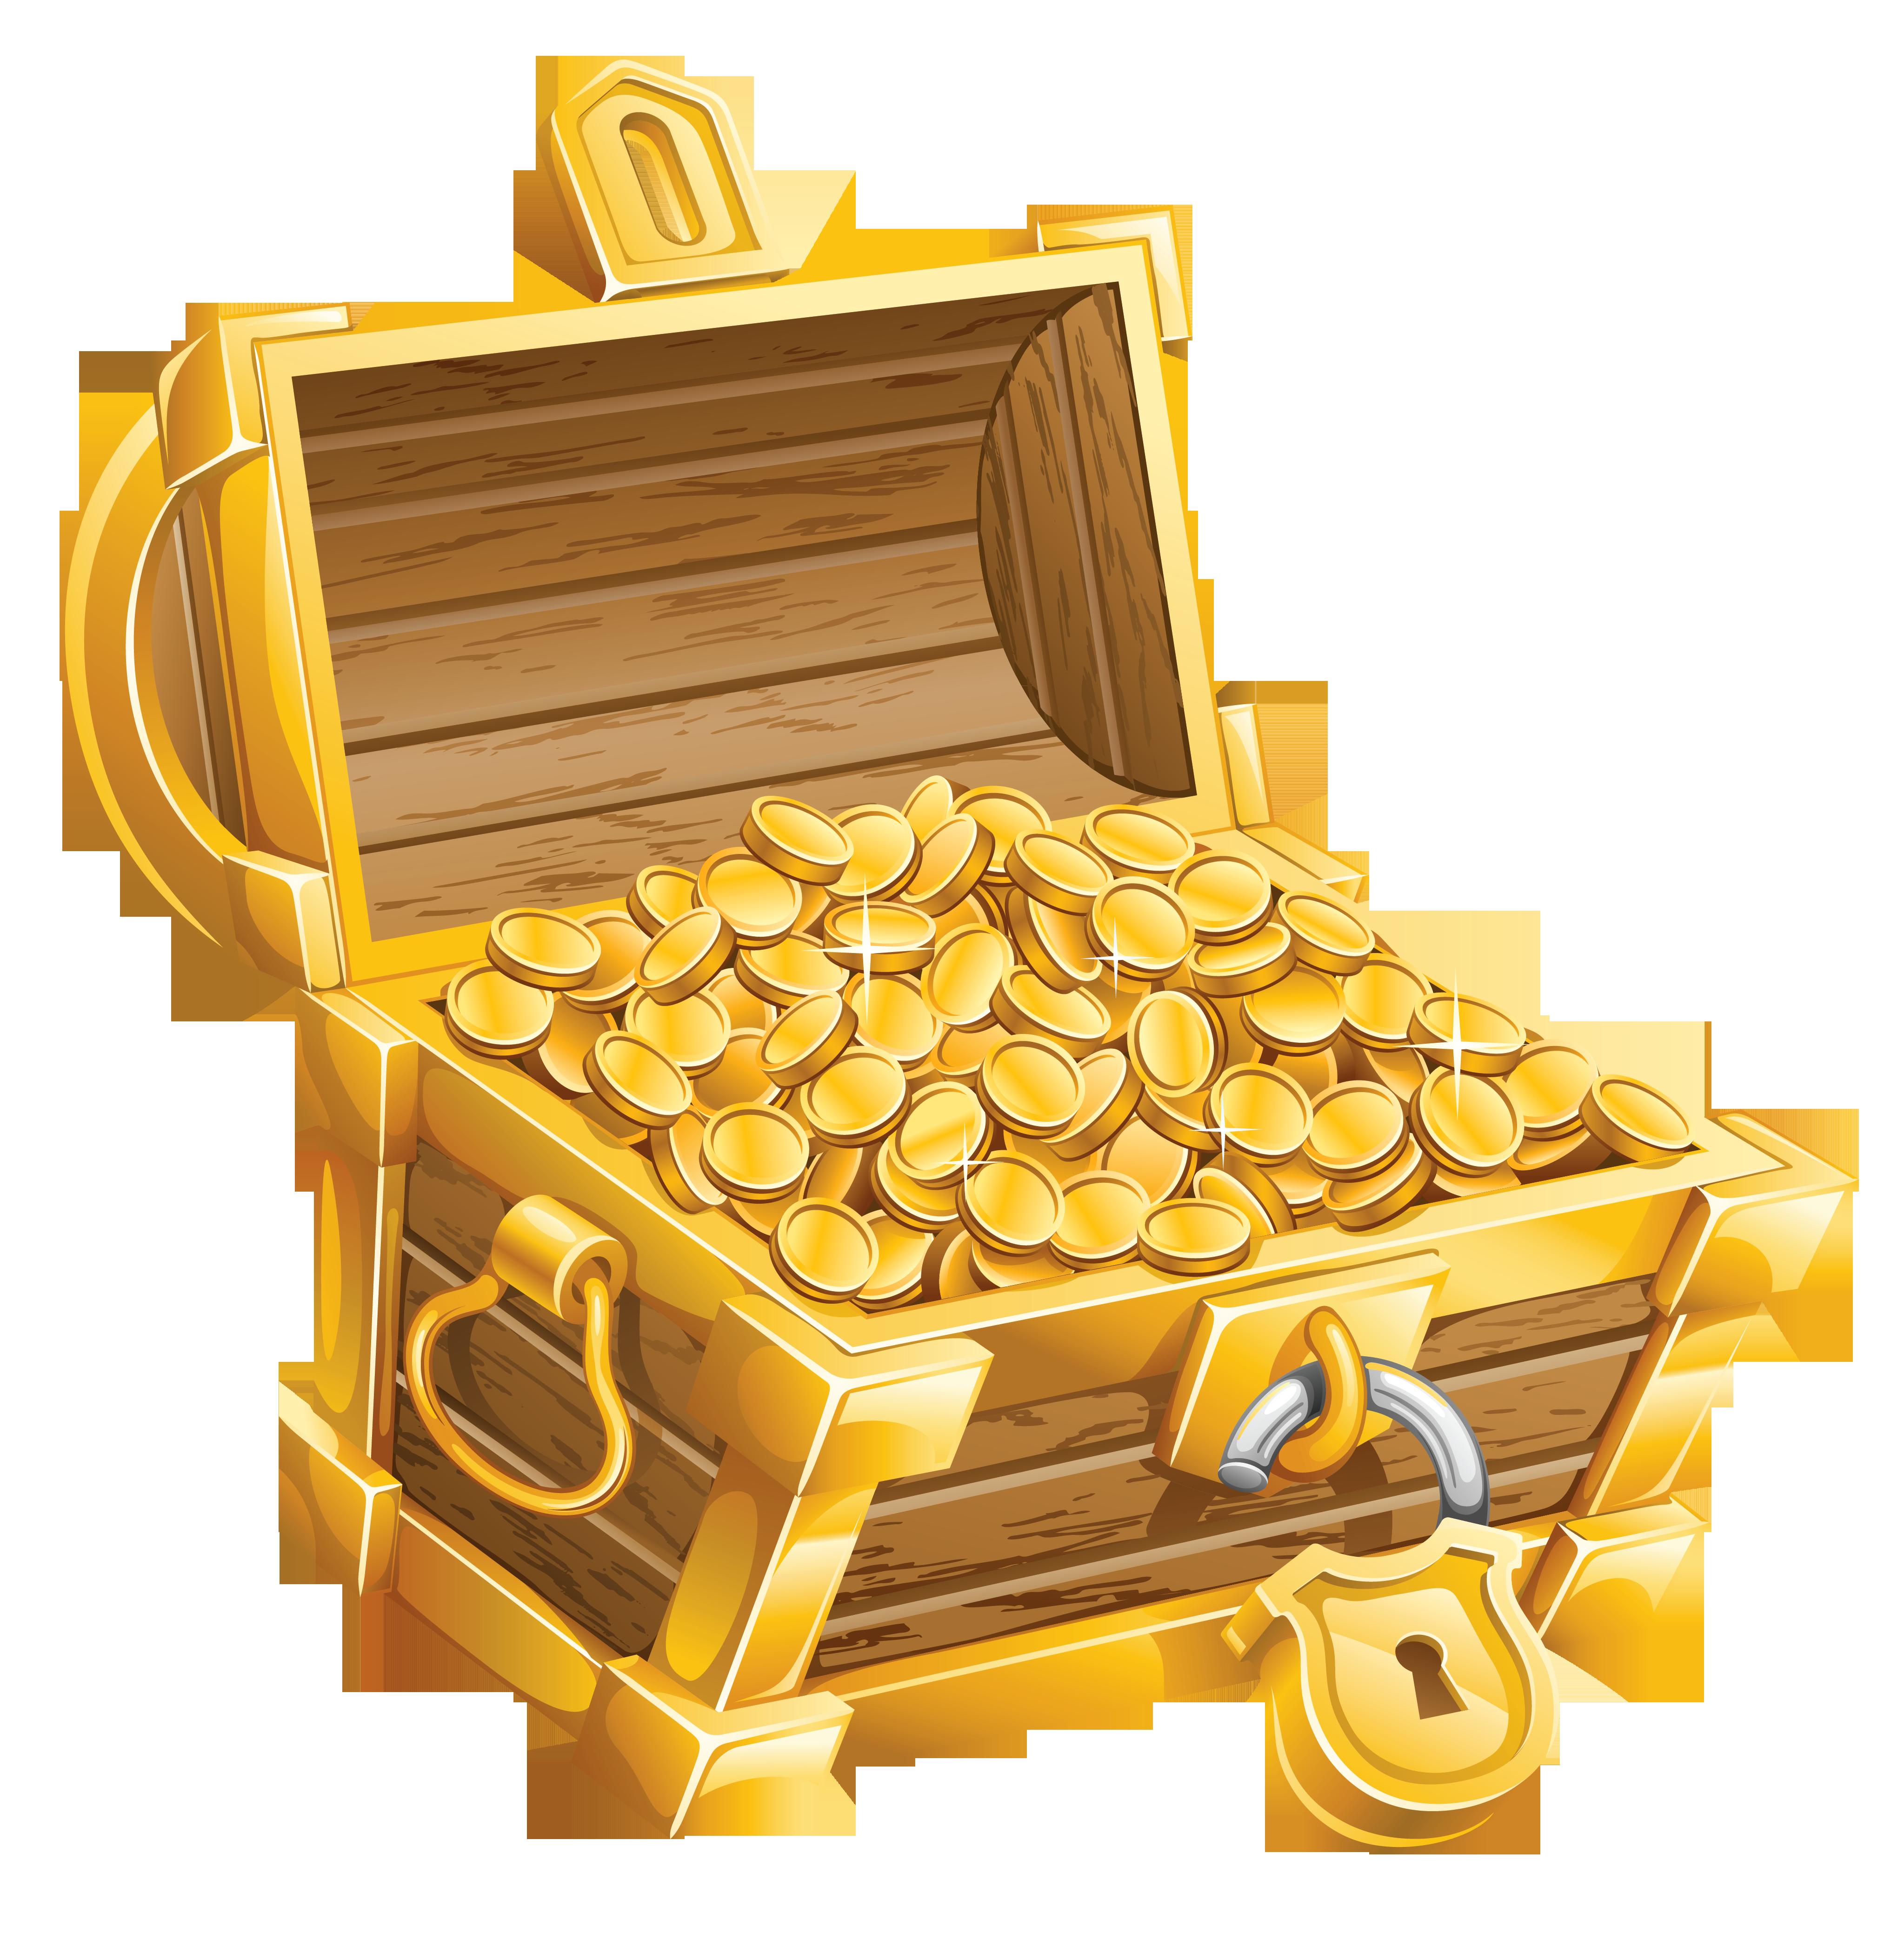 Treasure Chest Clipart Free.